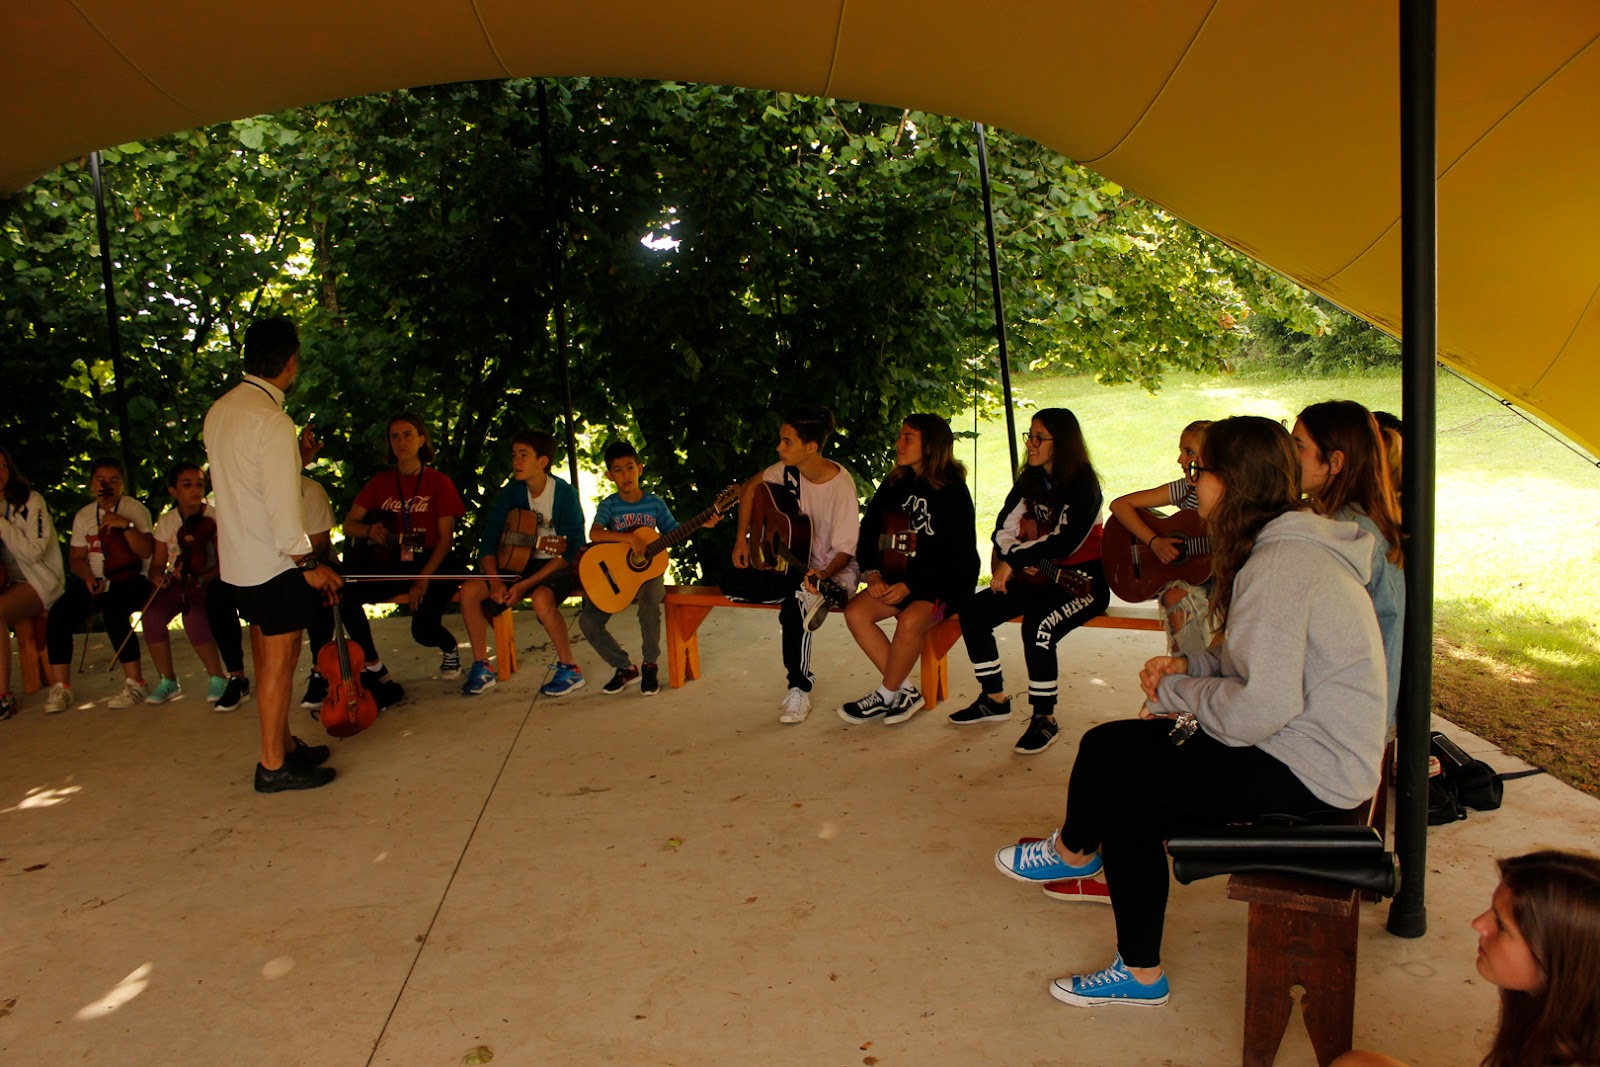 Orquesta dentro del campamento Emosie camp Fest